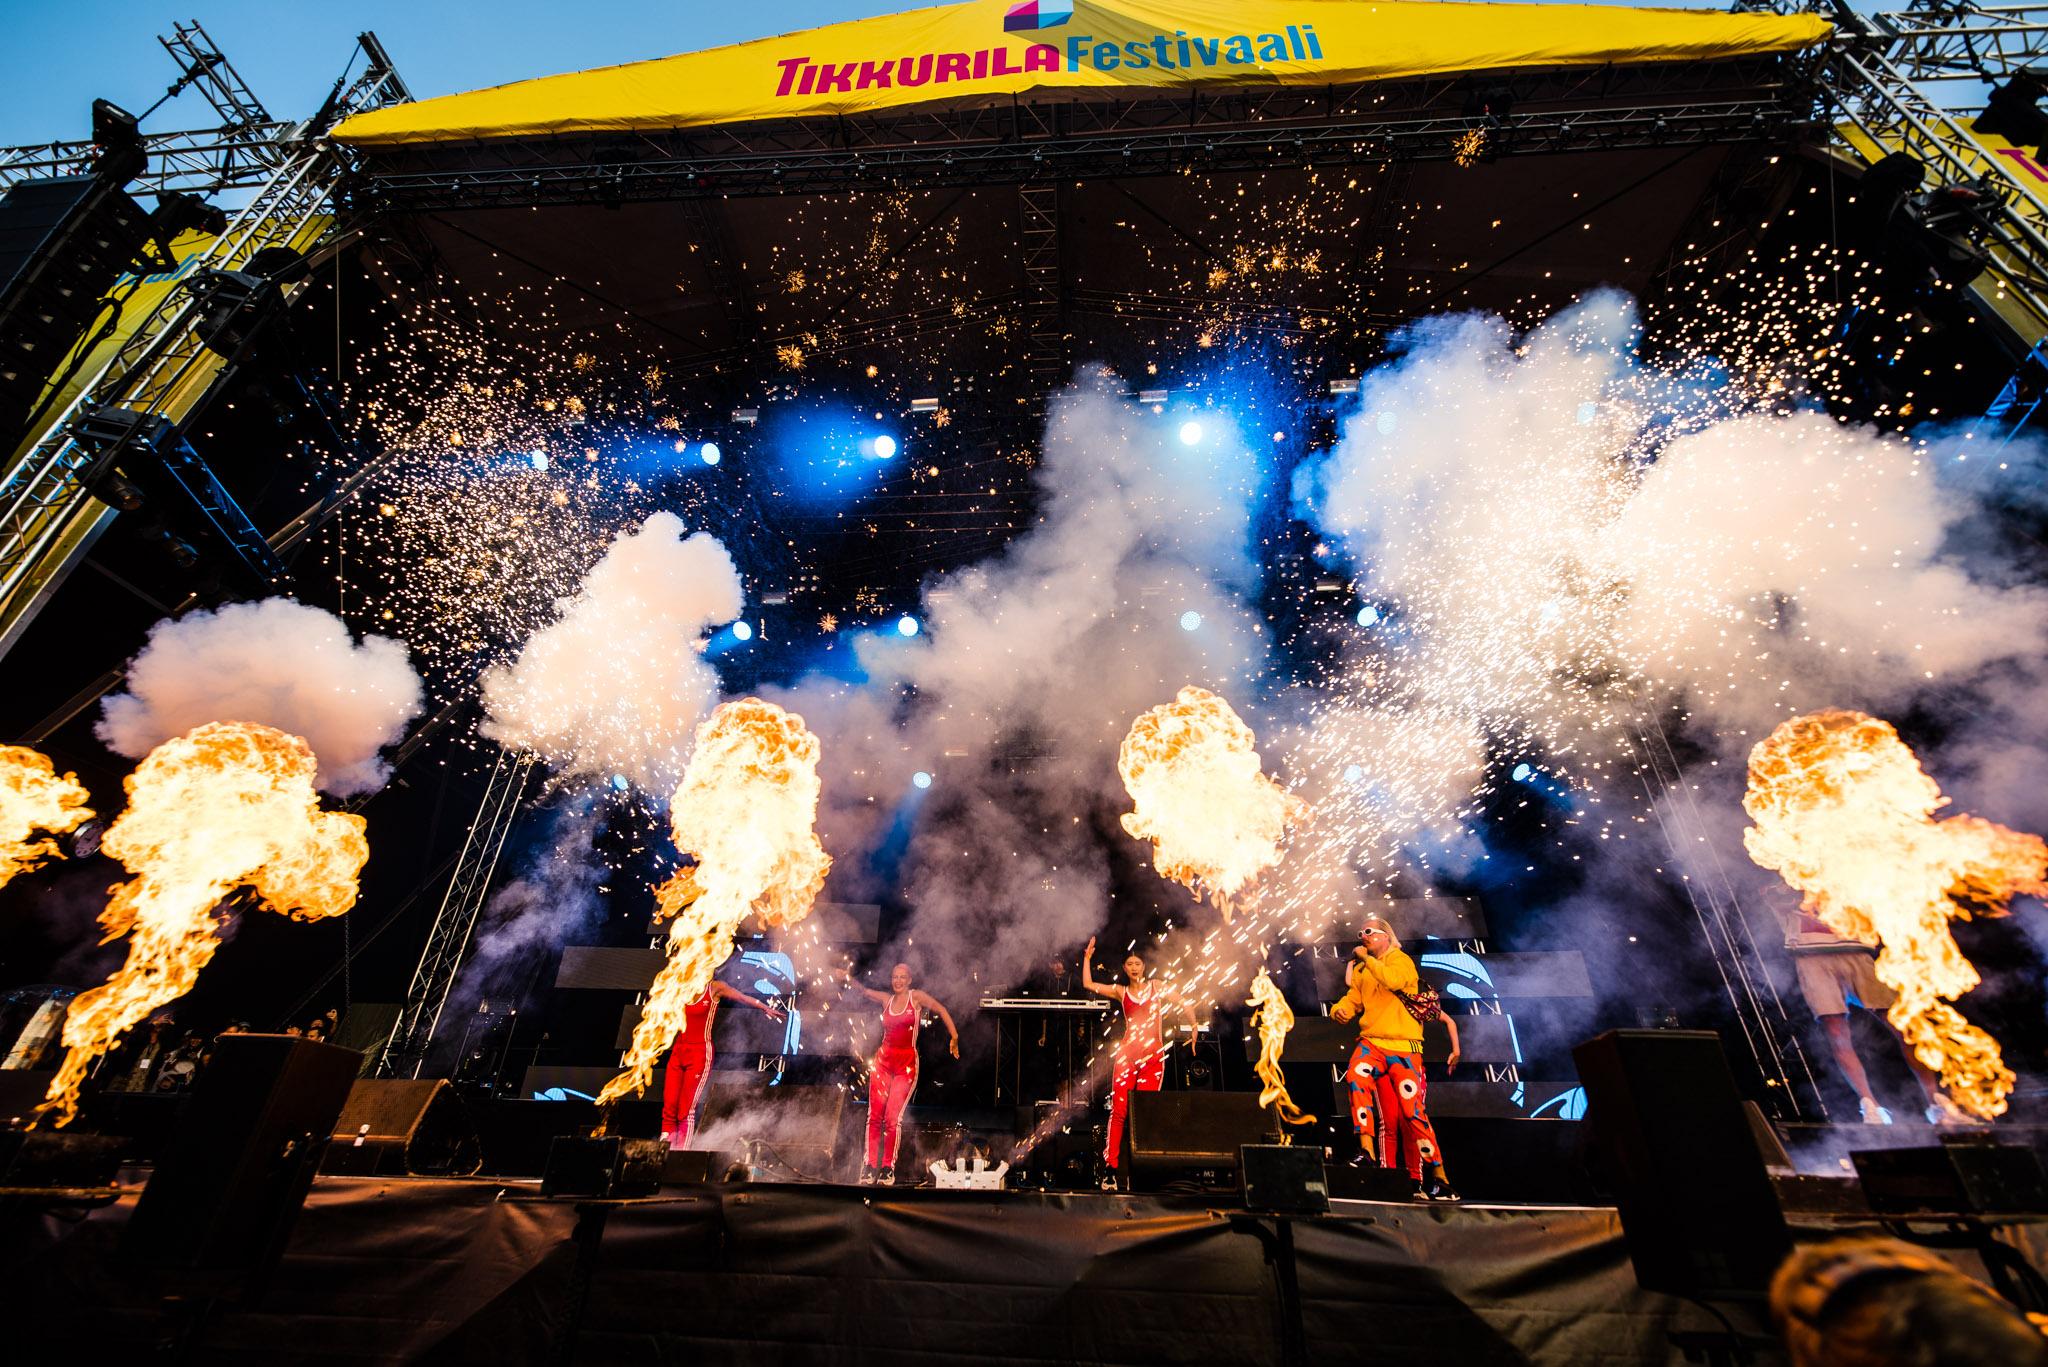 JVG esiintyi pyrotekniikan keskellä, Tikkurila Festivaali 2018.